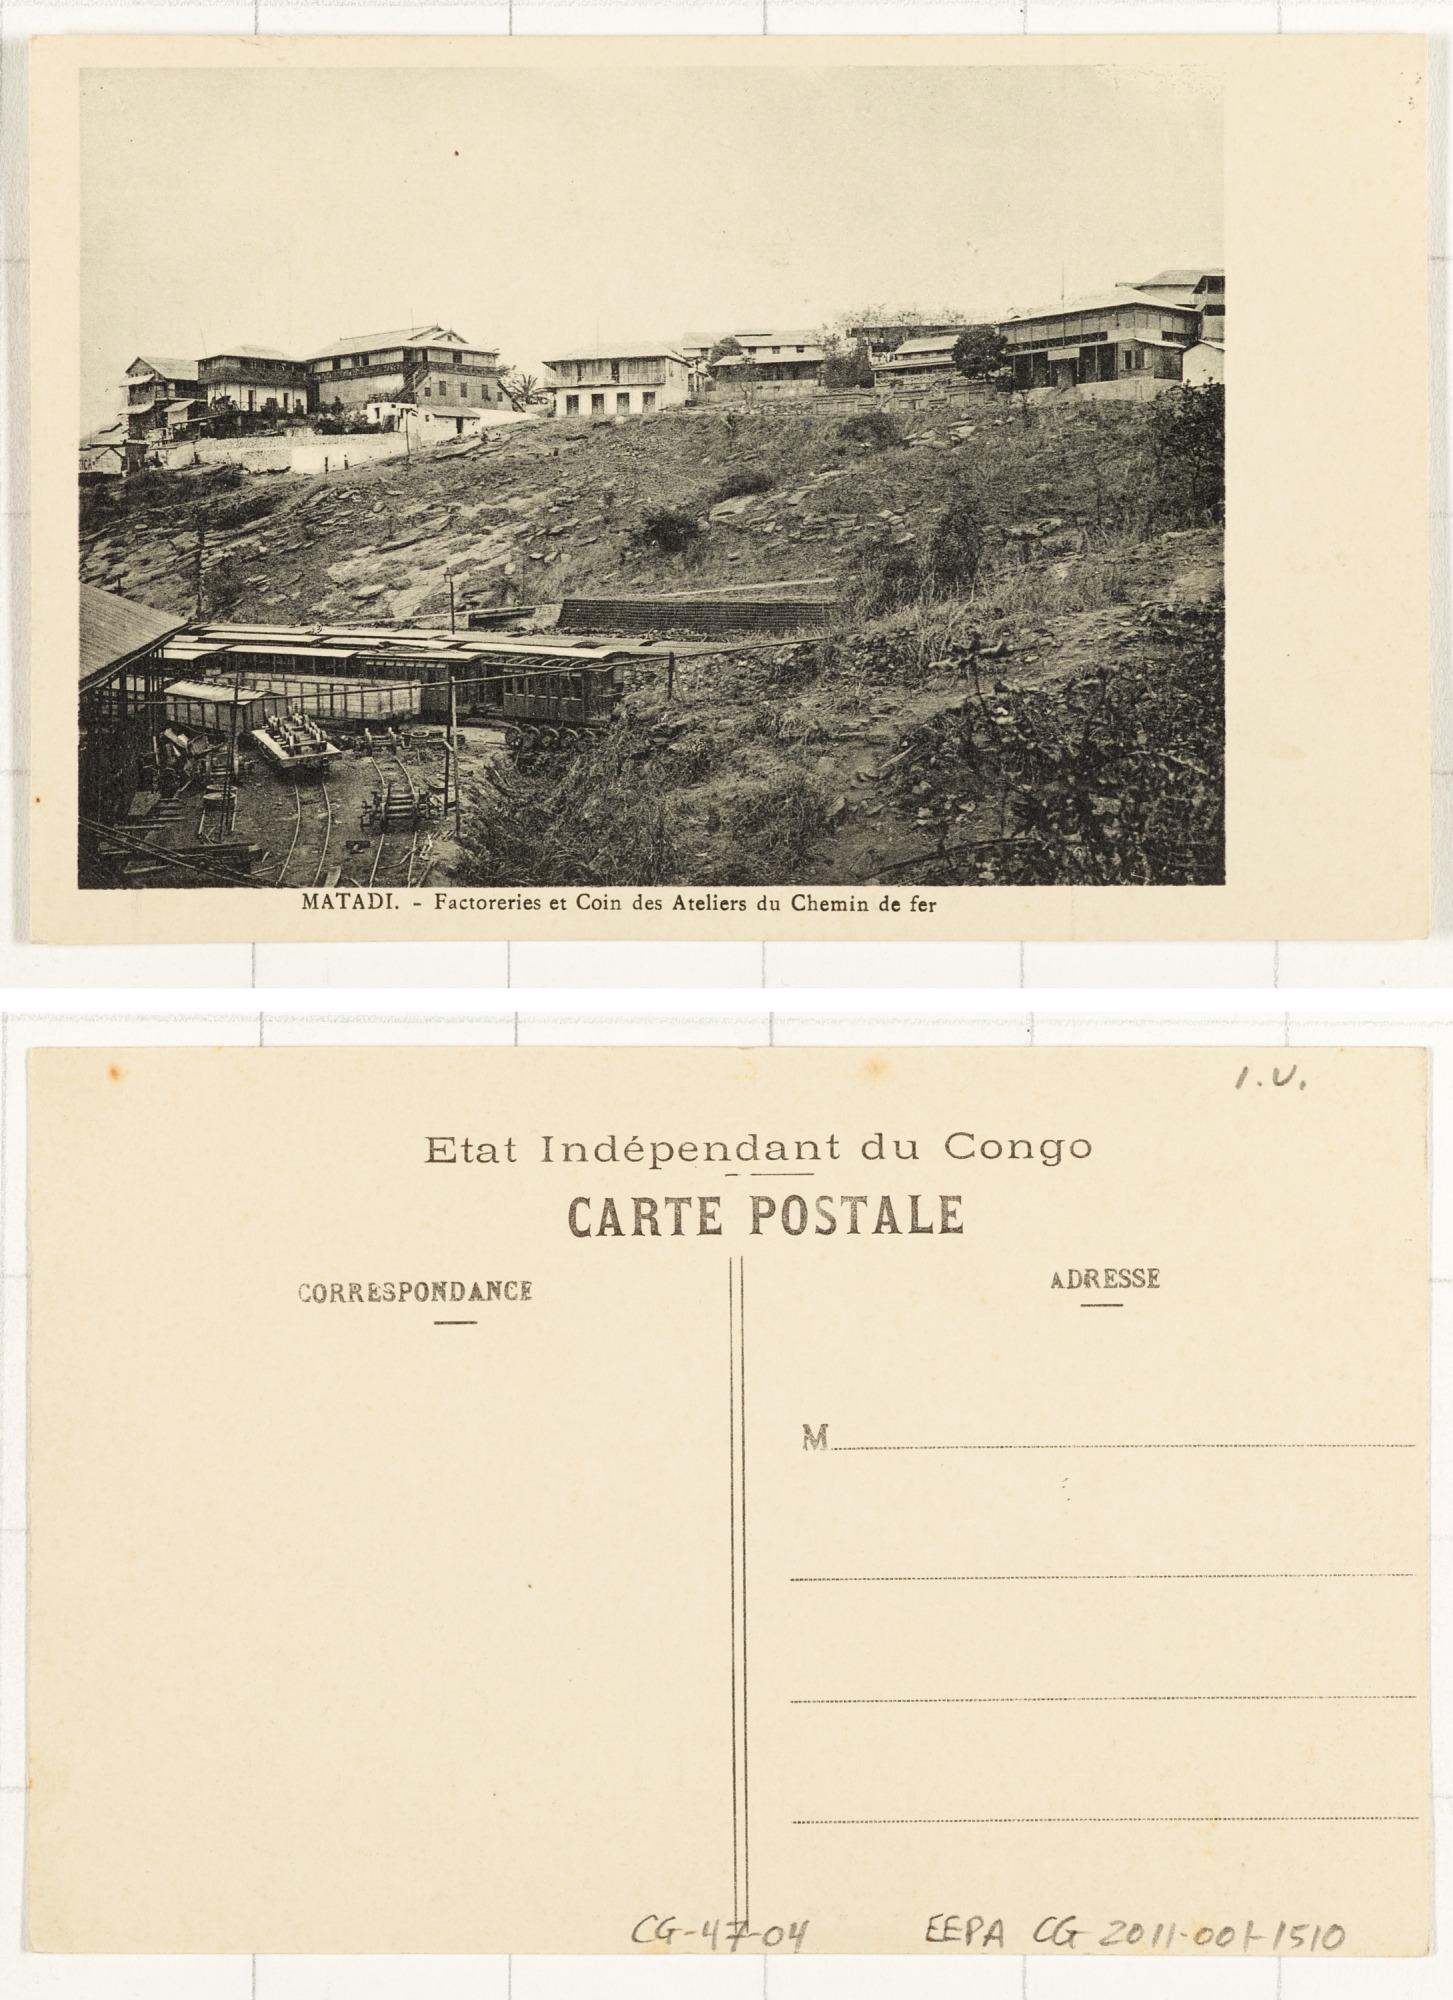 Matadi Factoreries et Coins des Ateliers du Chemin de fer